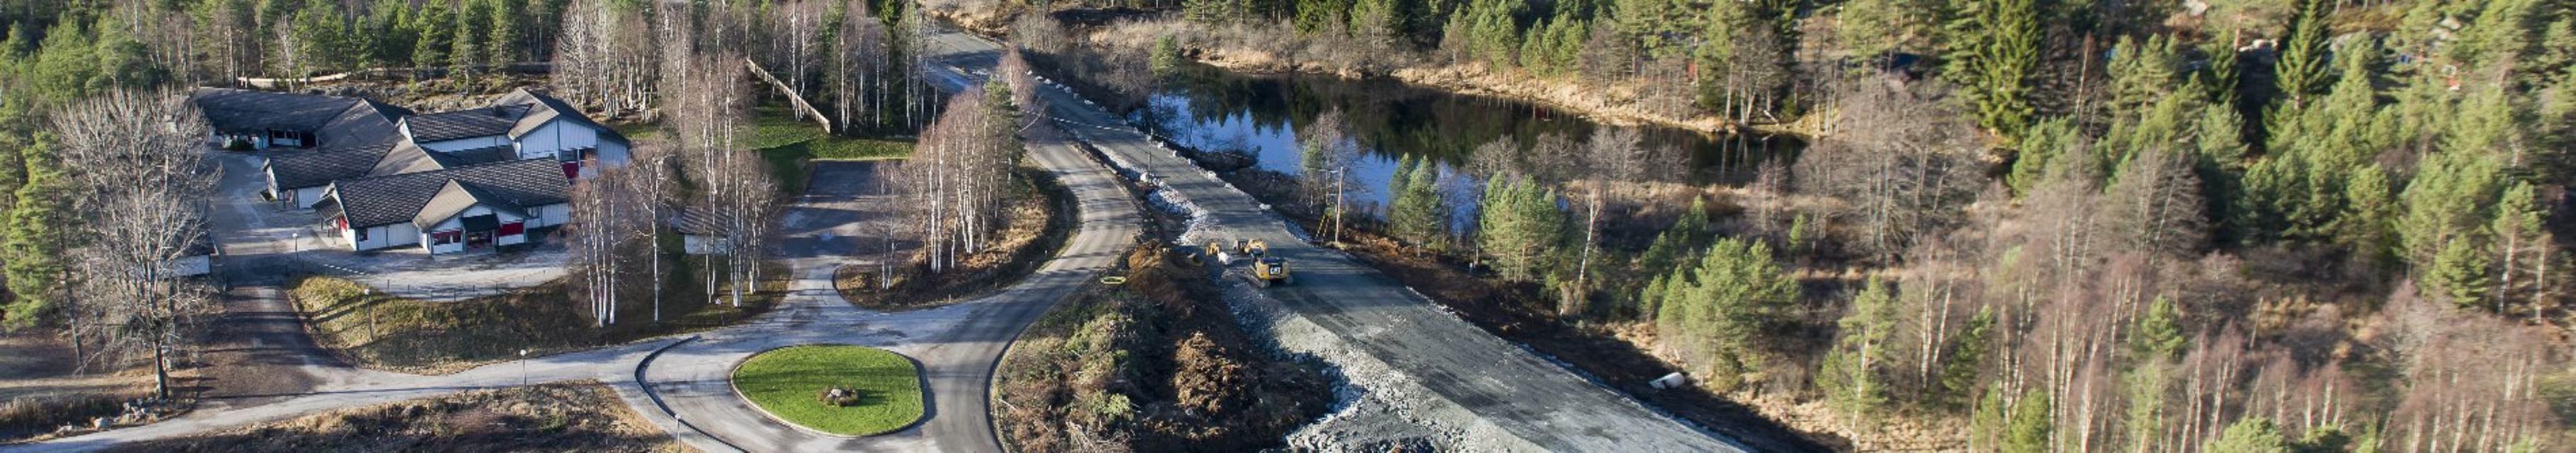 Bedre infrastruktur: Bedre veier og ny gang- og sykkesti på Skaiå bygges i 2014.